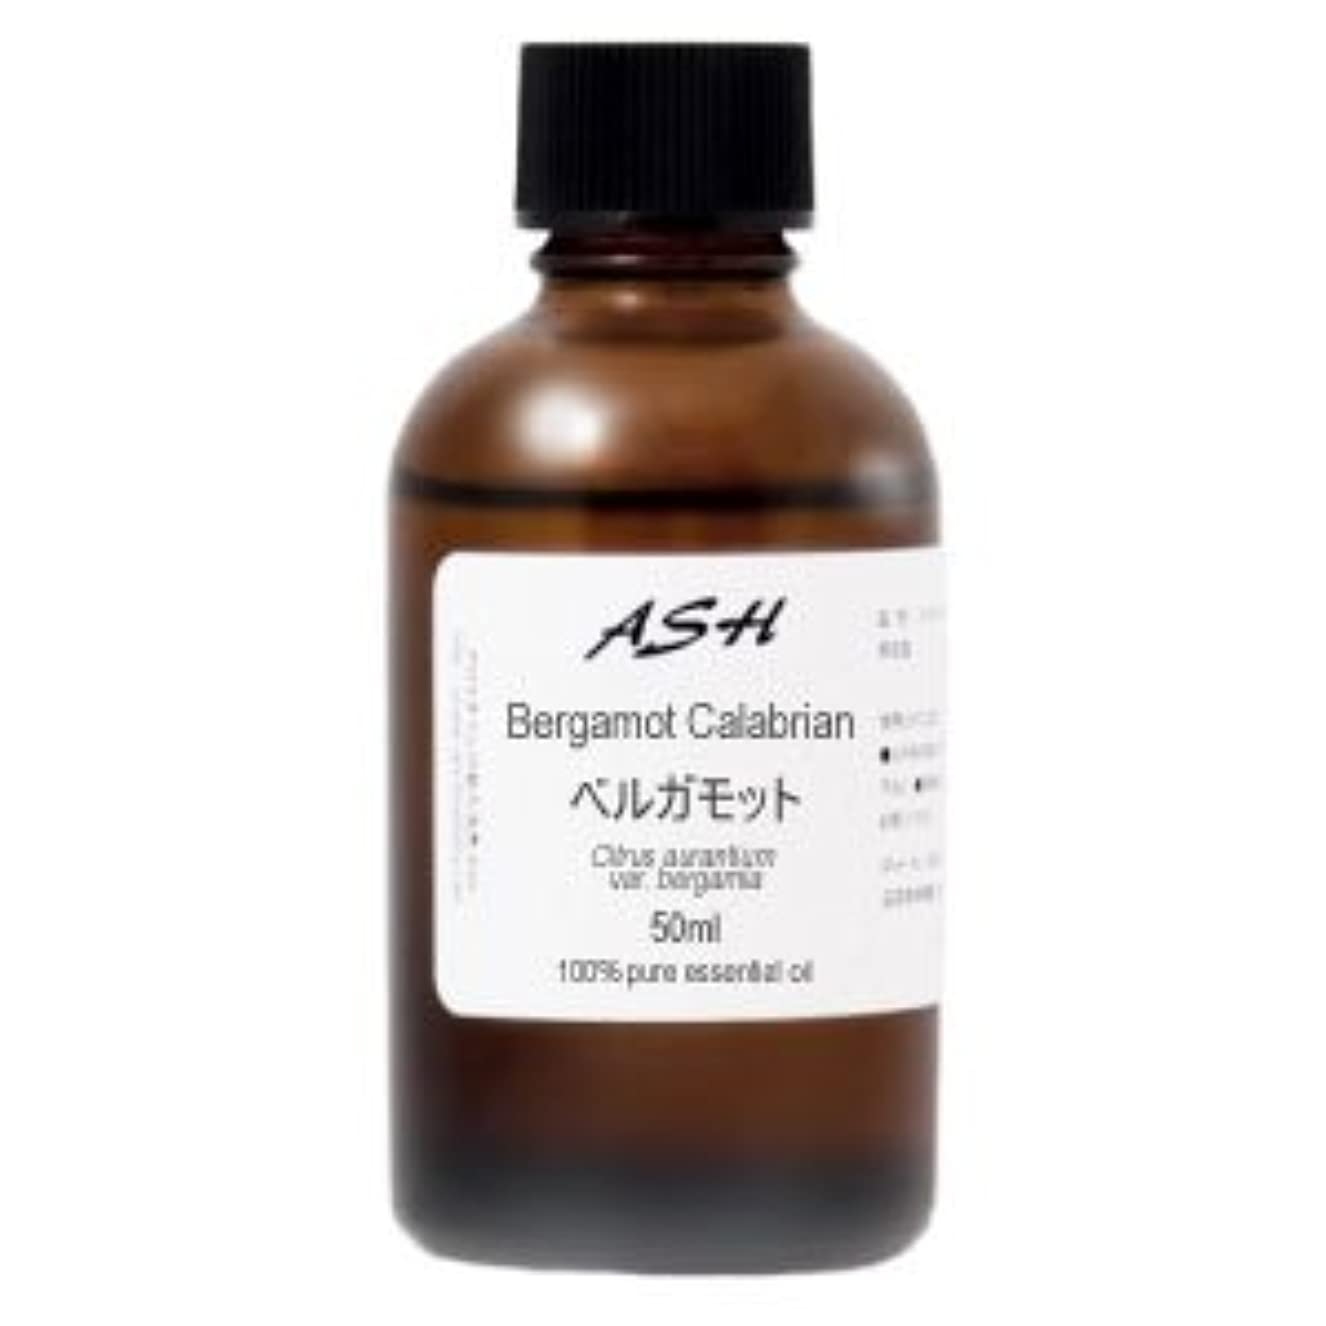 確立します記述するバリケードASH ベルガモット エッセンシャルオイル 50ml AEAJ表示基準適合認定精油